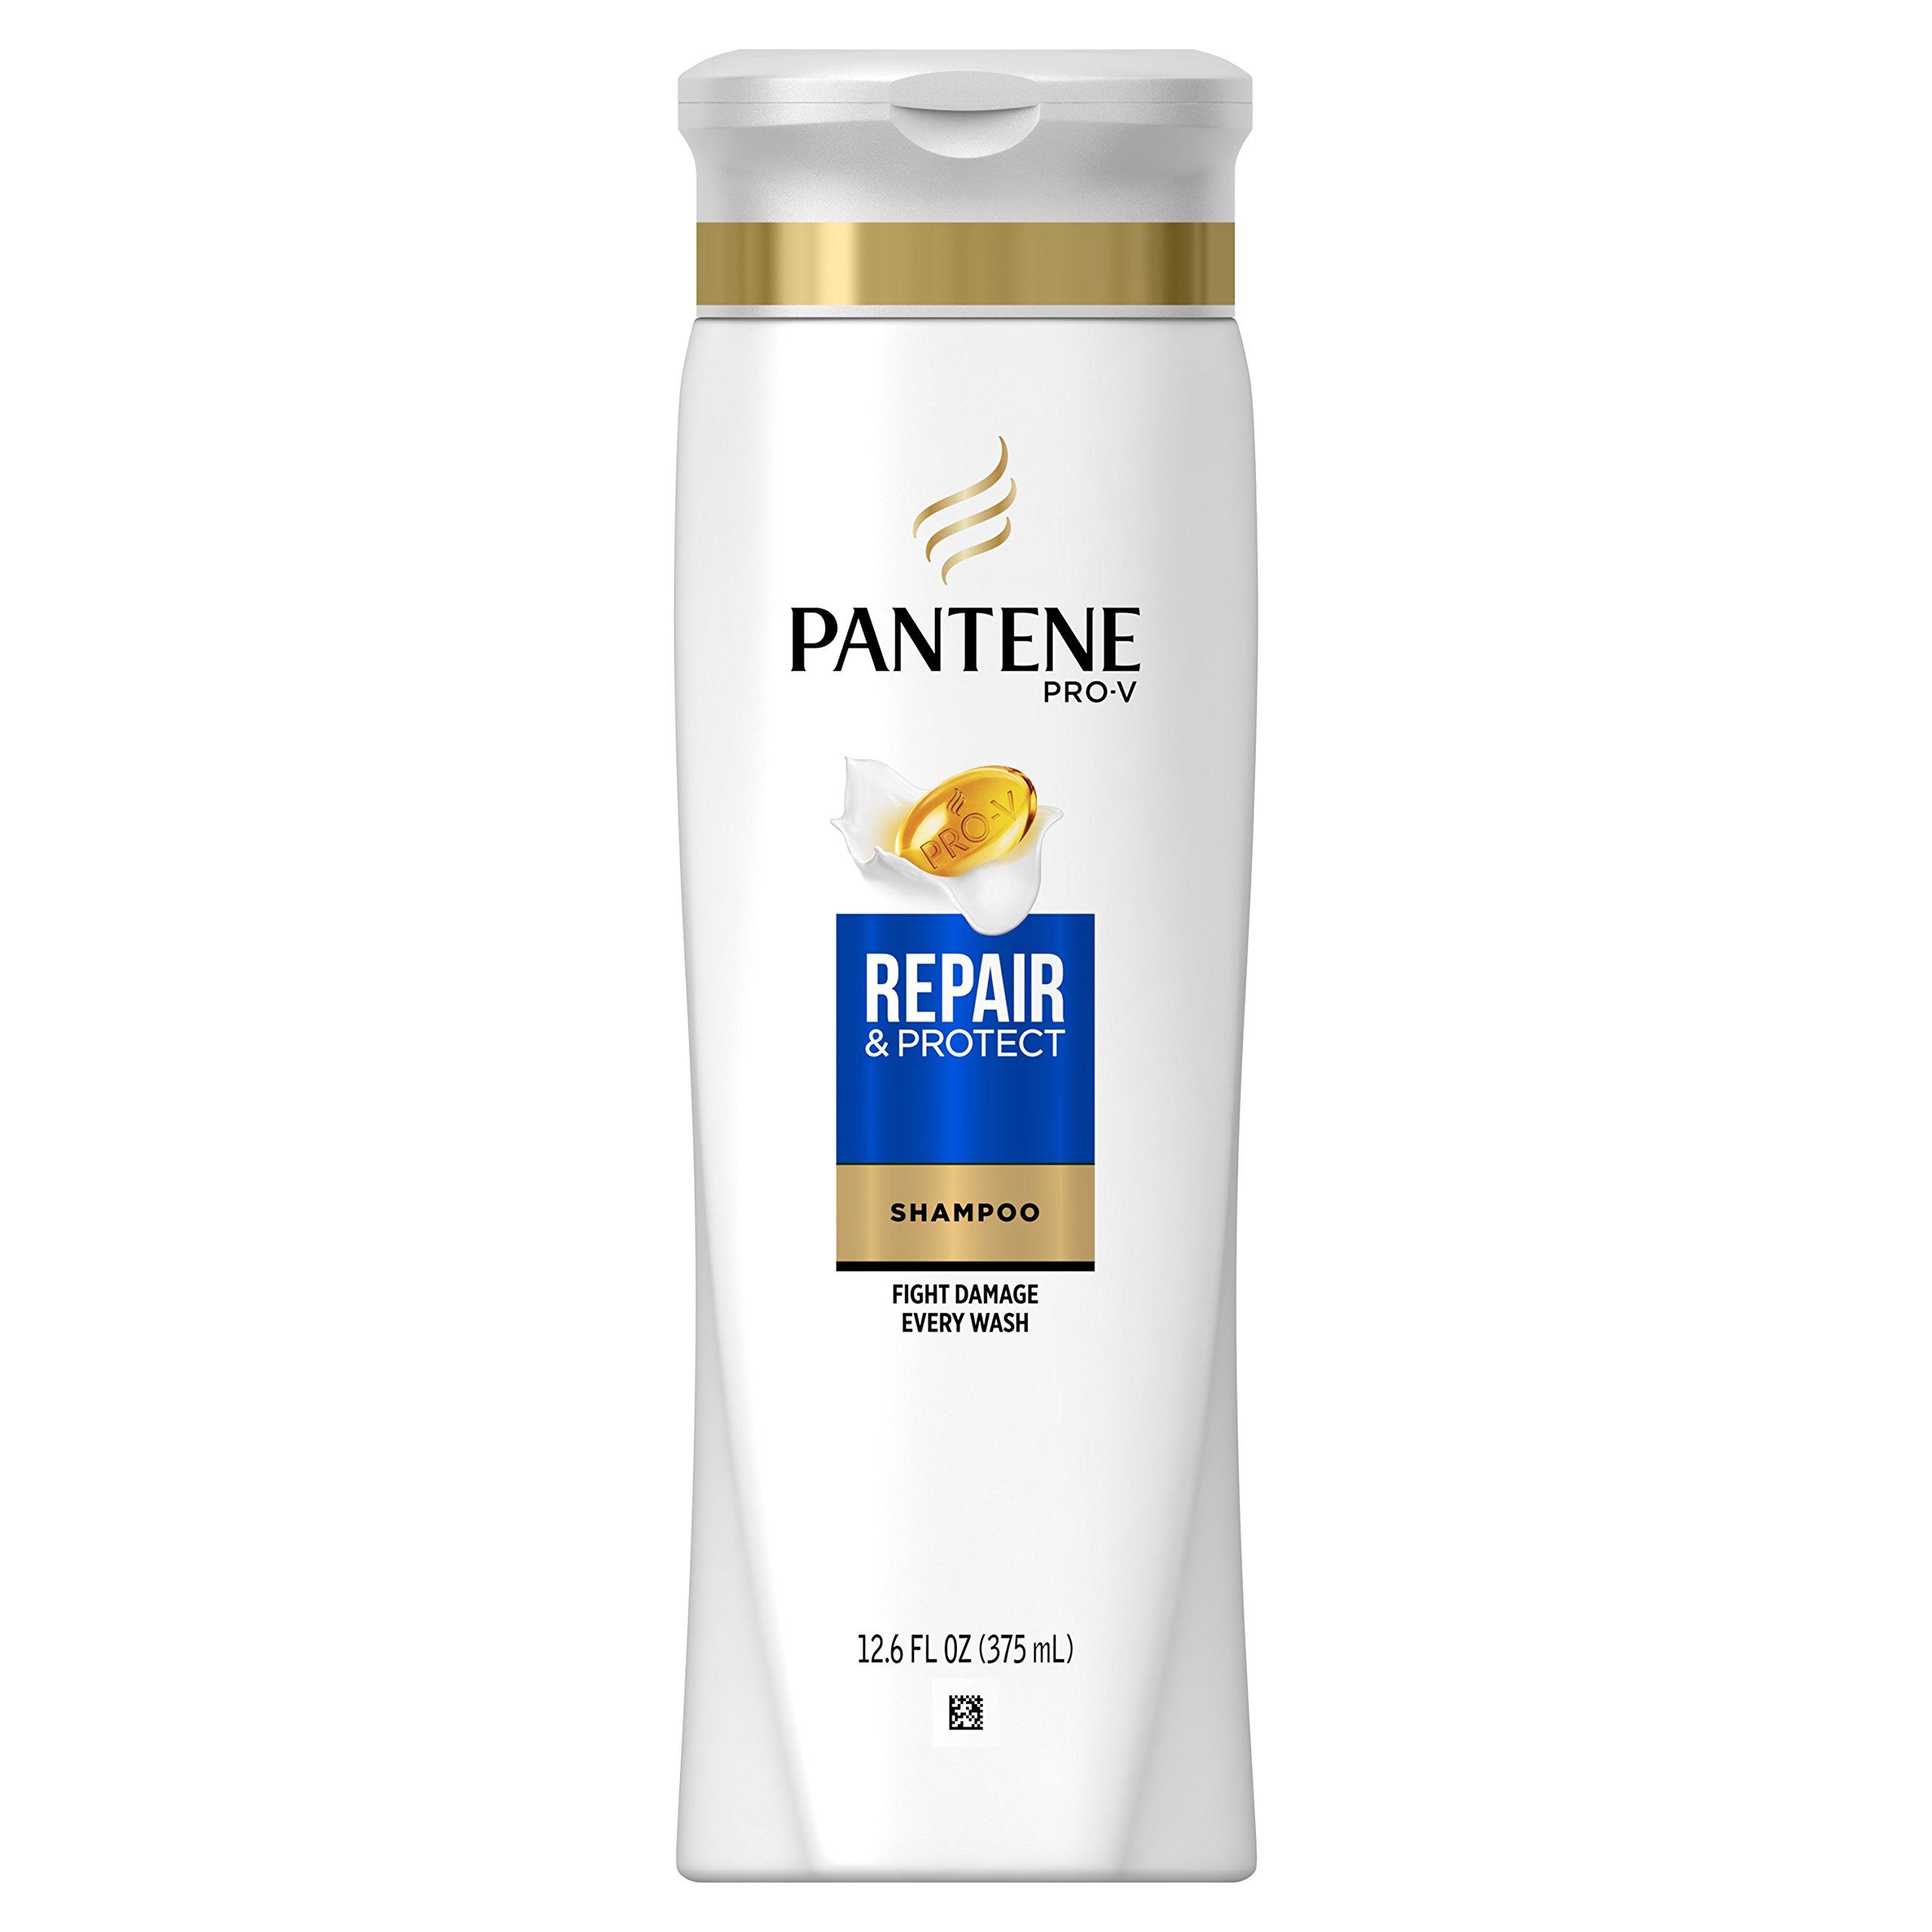 Pantene Shampoo Repair Protect Keratin